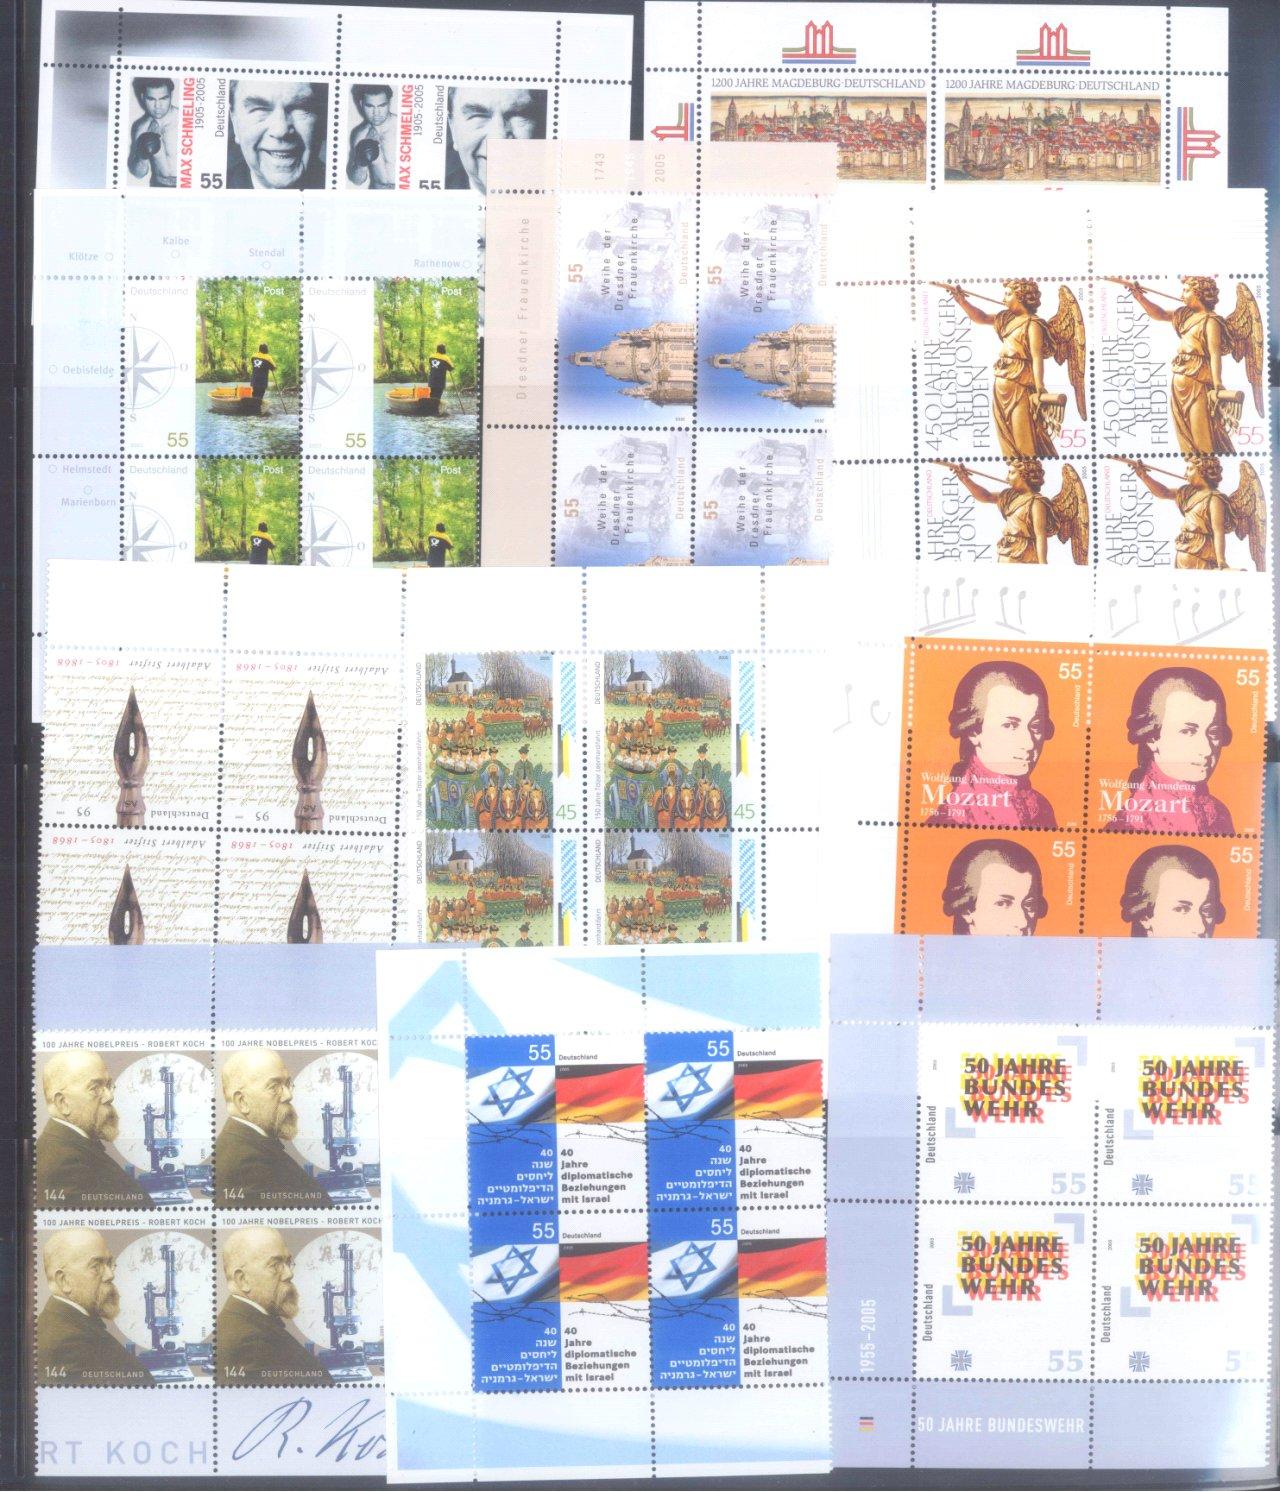 BUND 2005 postfrische 4er-BLOCK Sammlung, 168 EURO NOMINALE-4